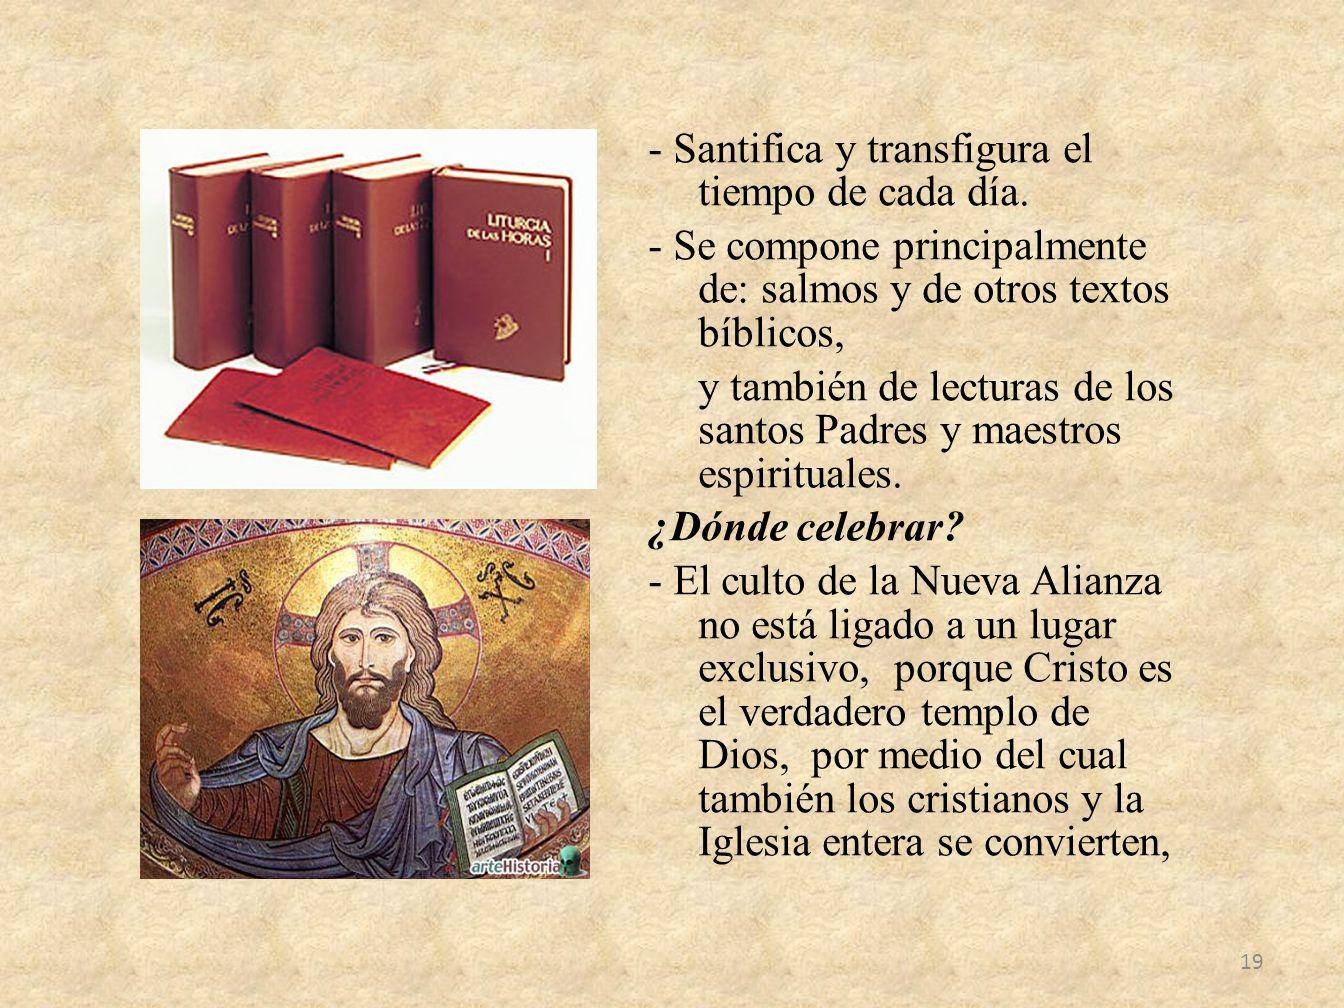 - Santifica y transfigura el tiempo de cada día